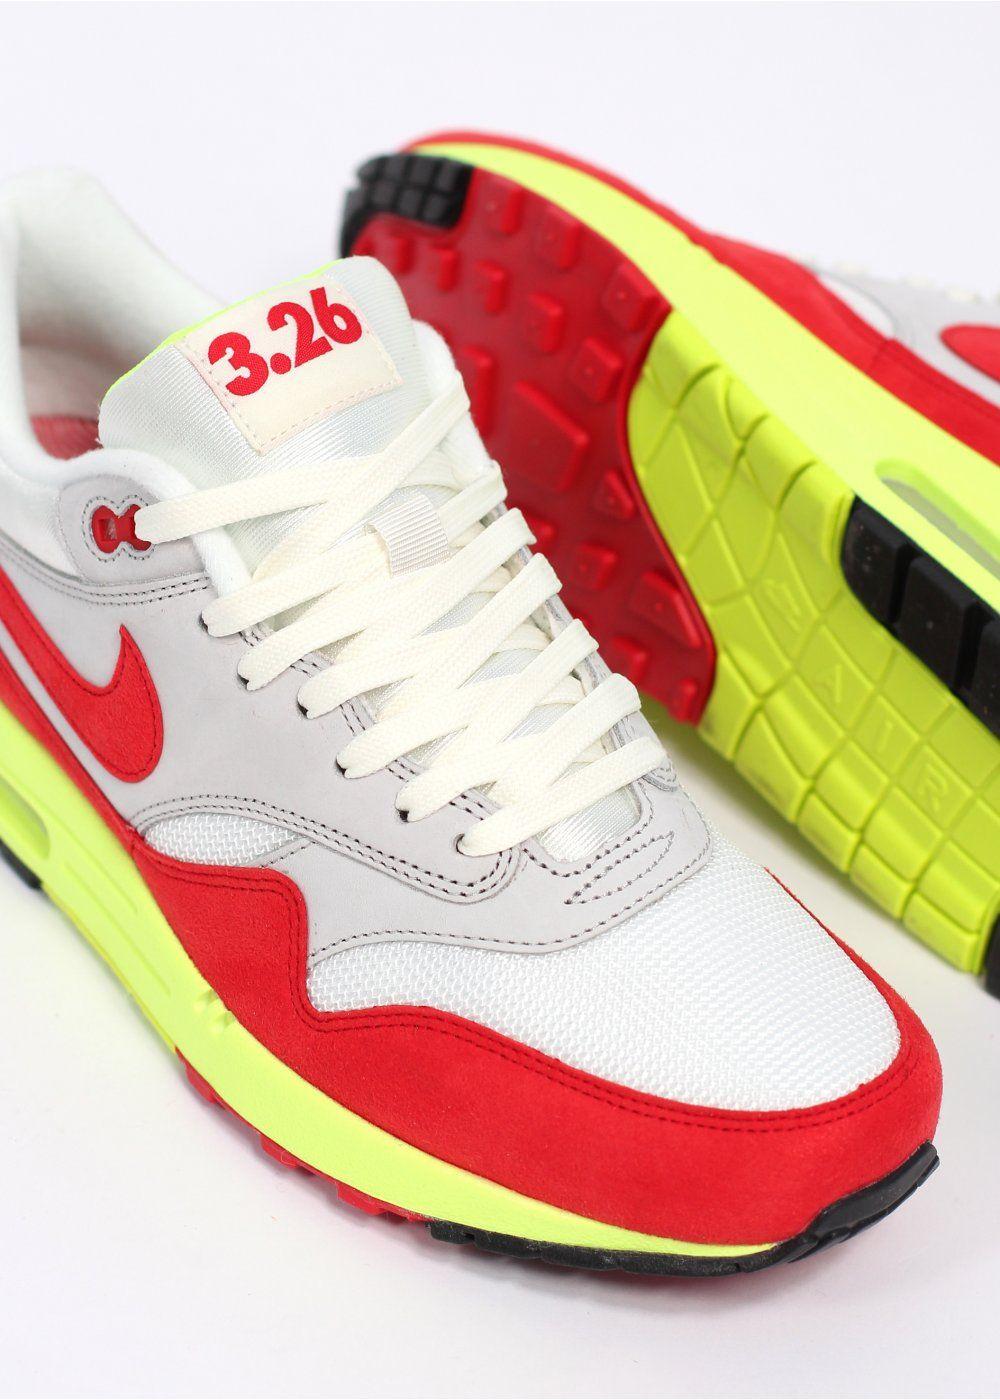 Nike Air Max 90 2014 Leather QS